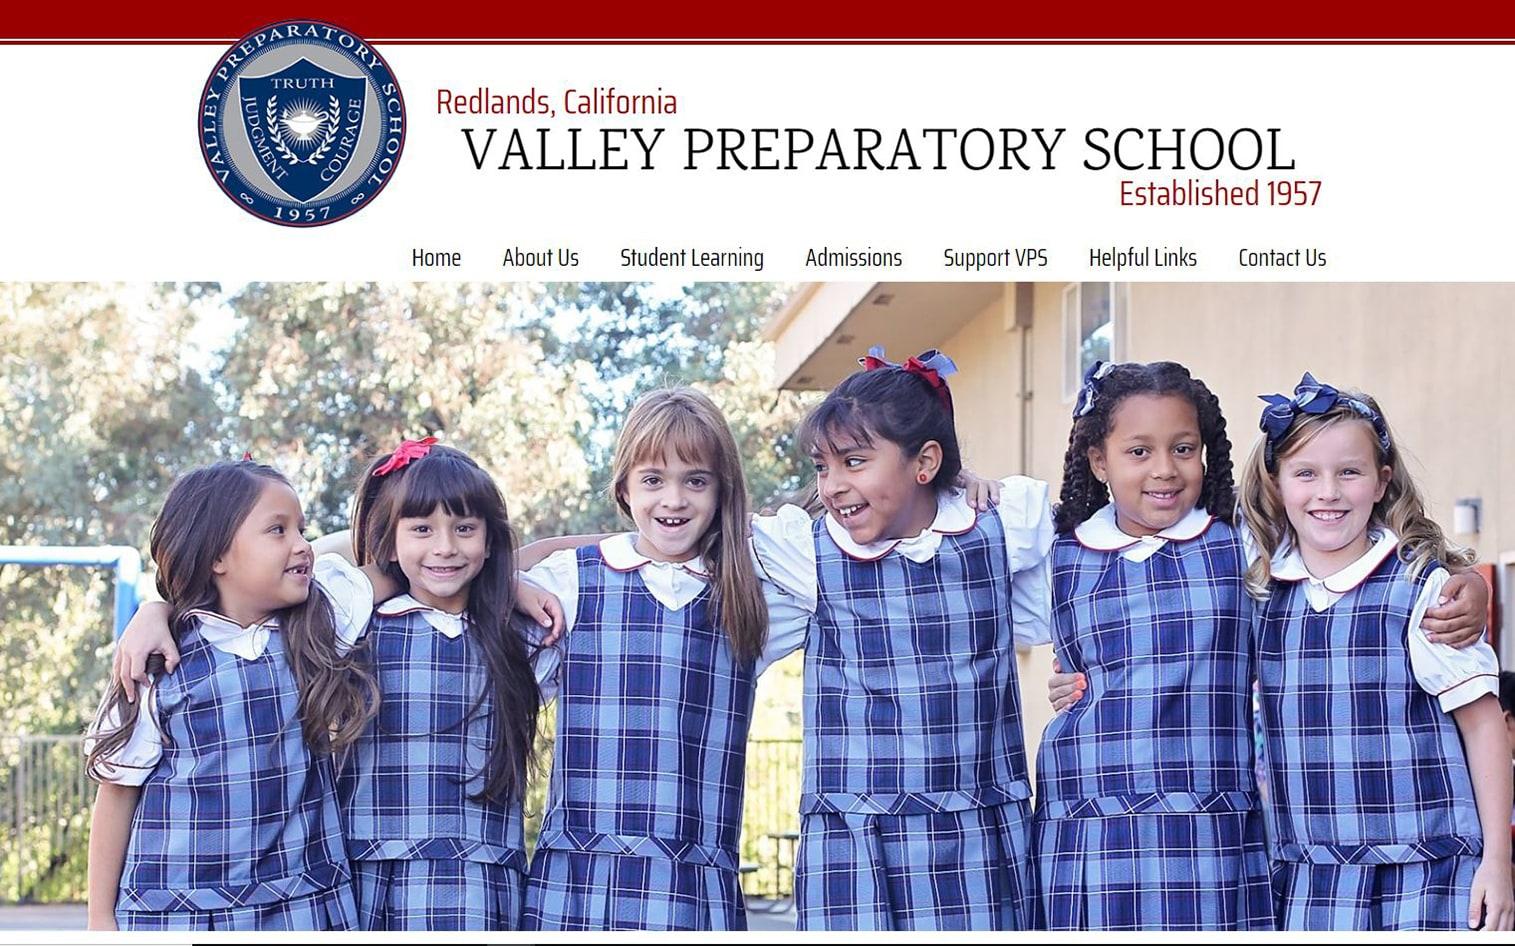 Valley Preparatory School